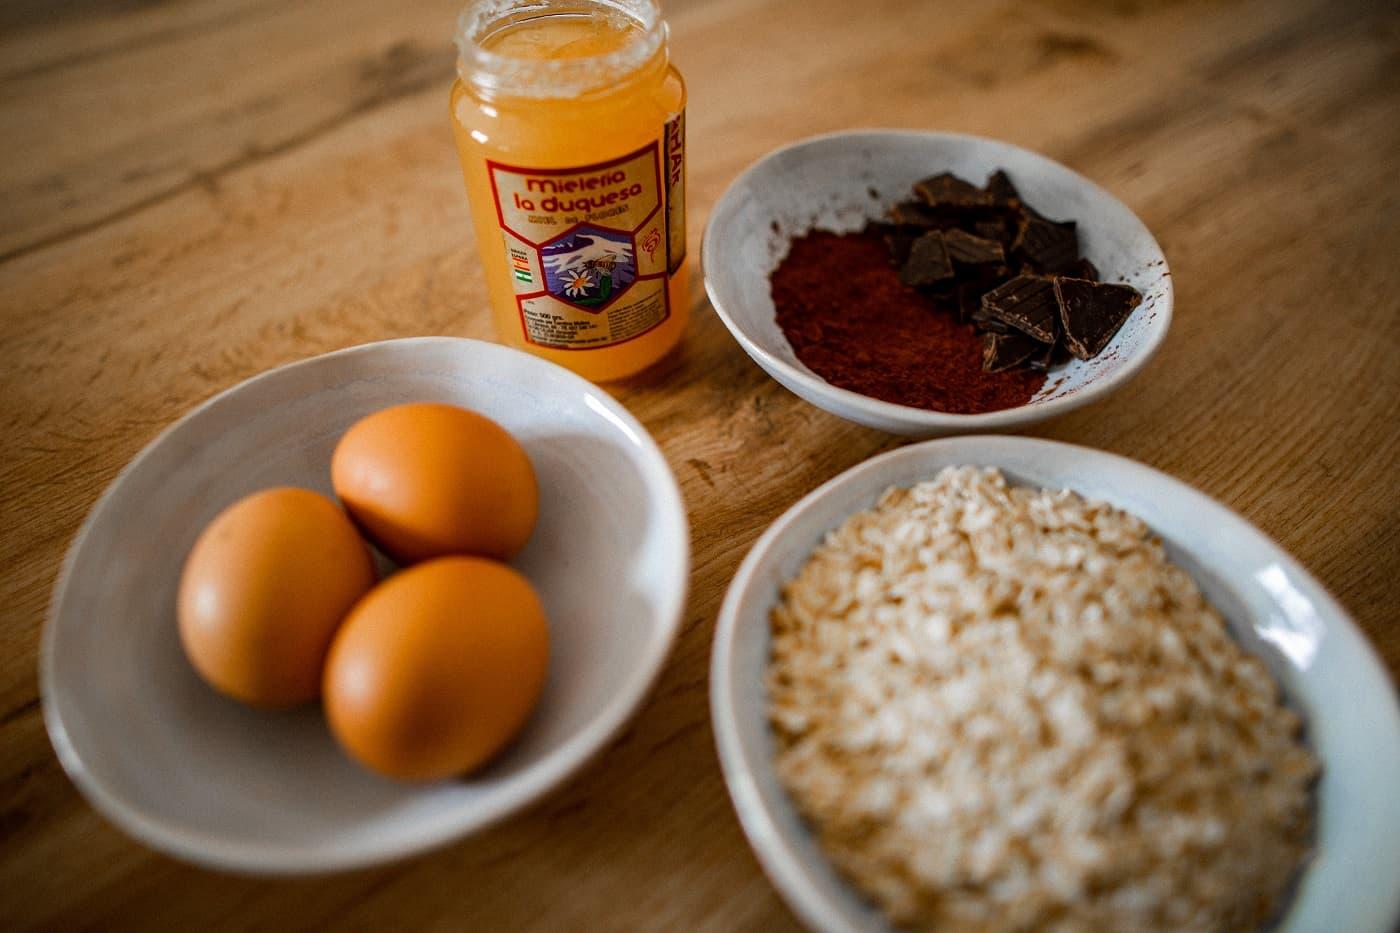 ingredientes galletas avena y miel